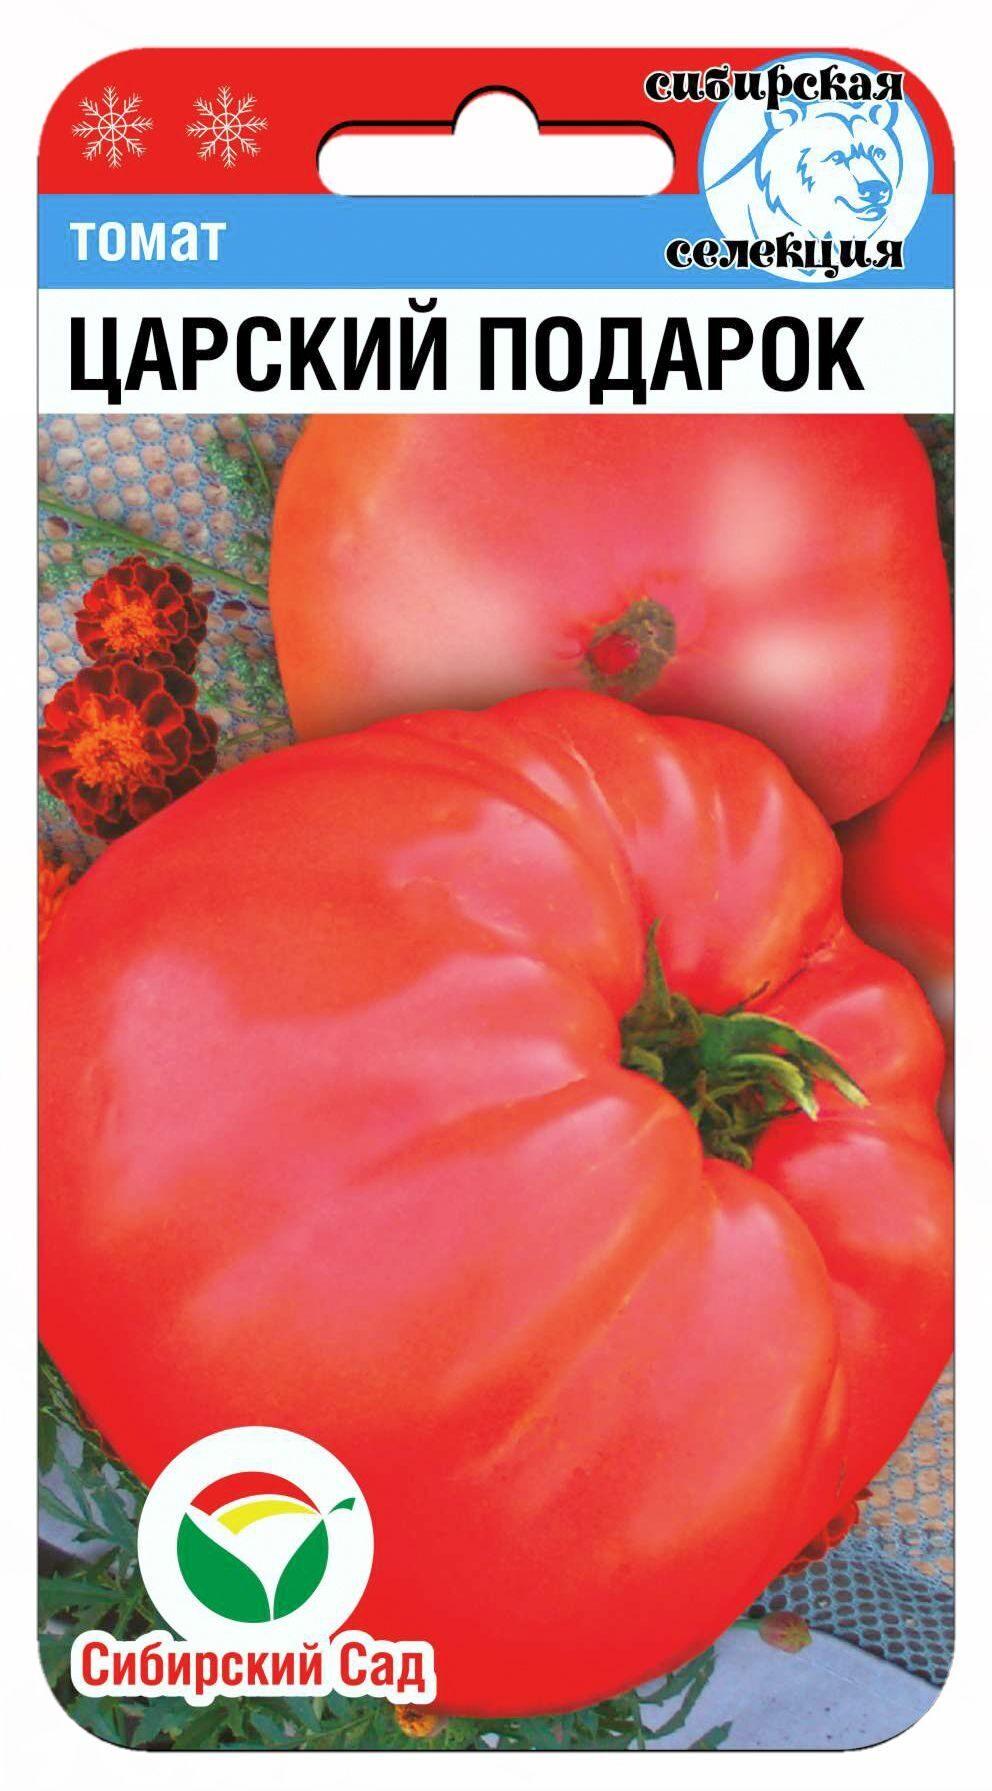 даже придётся томат царский подарок отзывы и фото даже